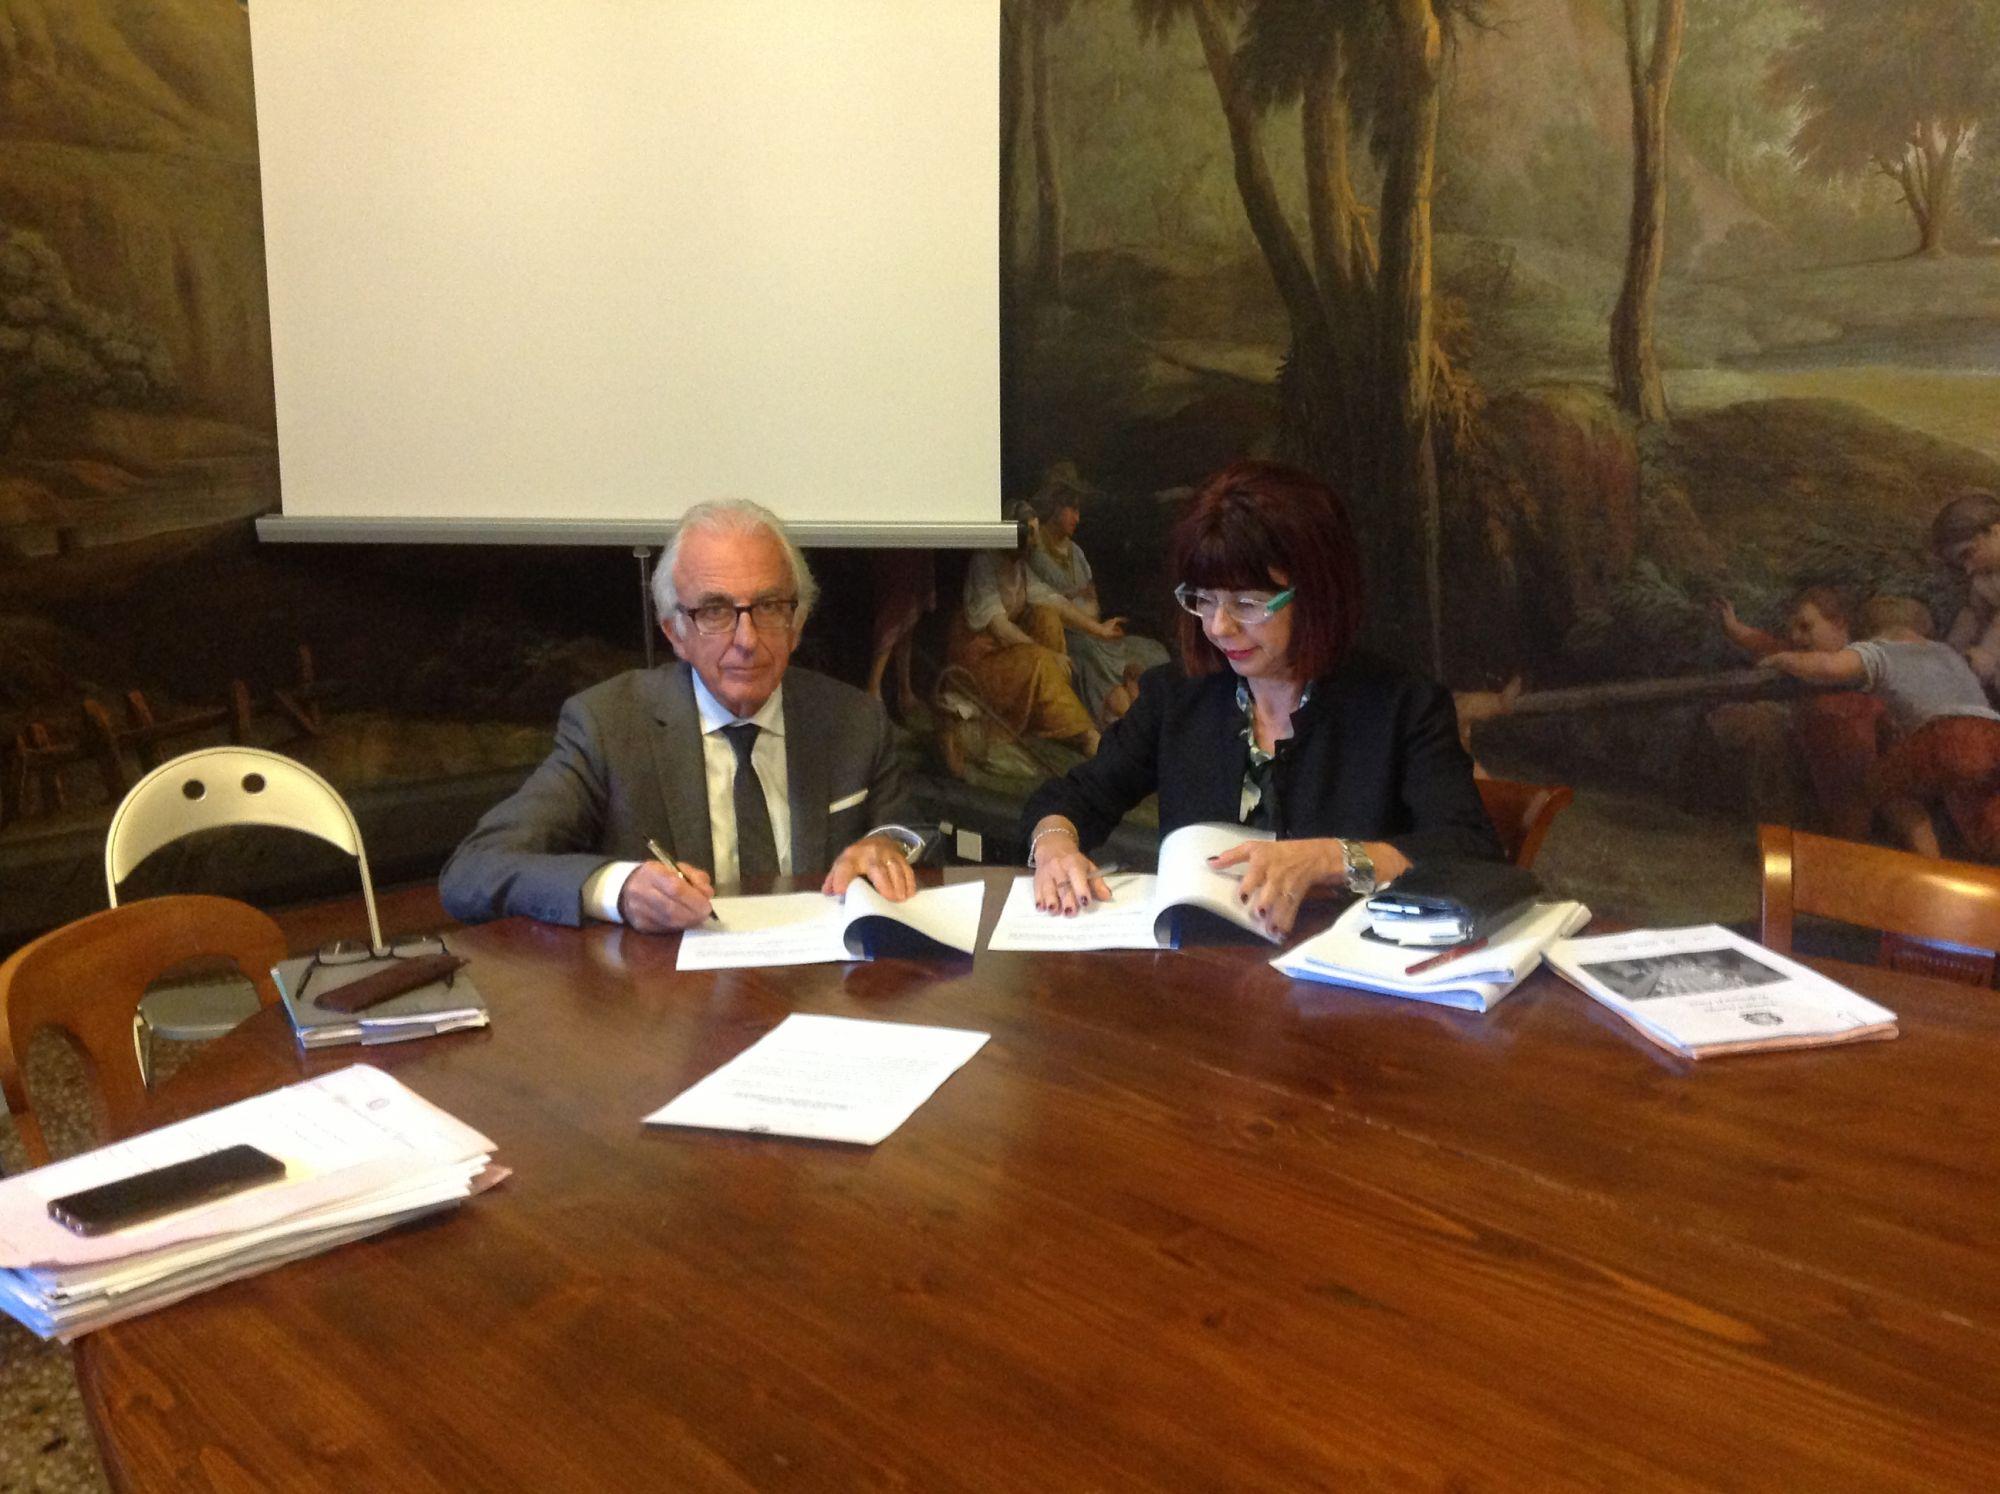 Scuole sicure a Viareggio, firmato il protocollo in Prefettura contro le droghe